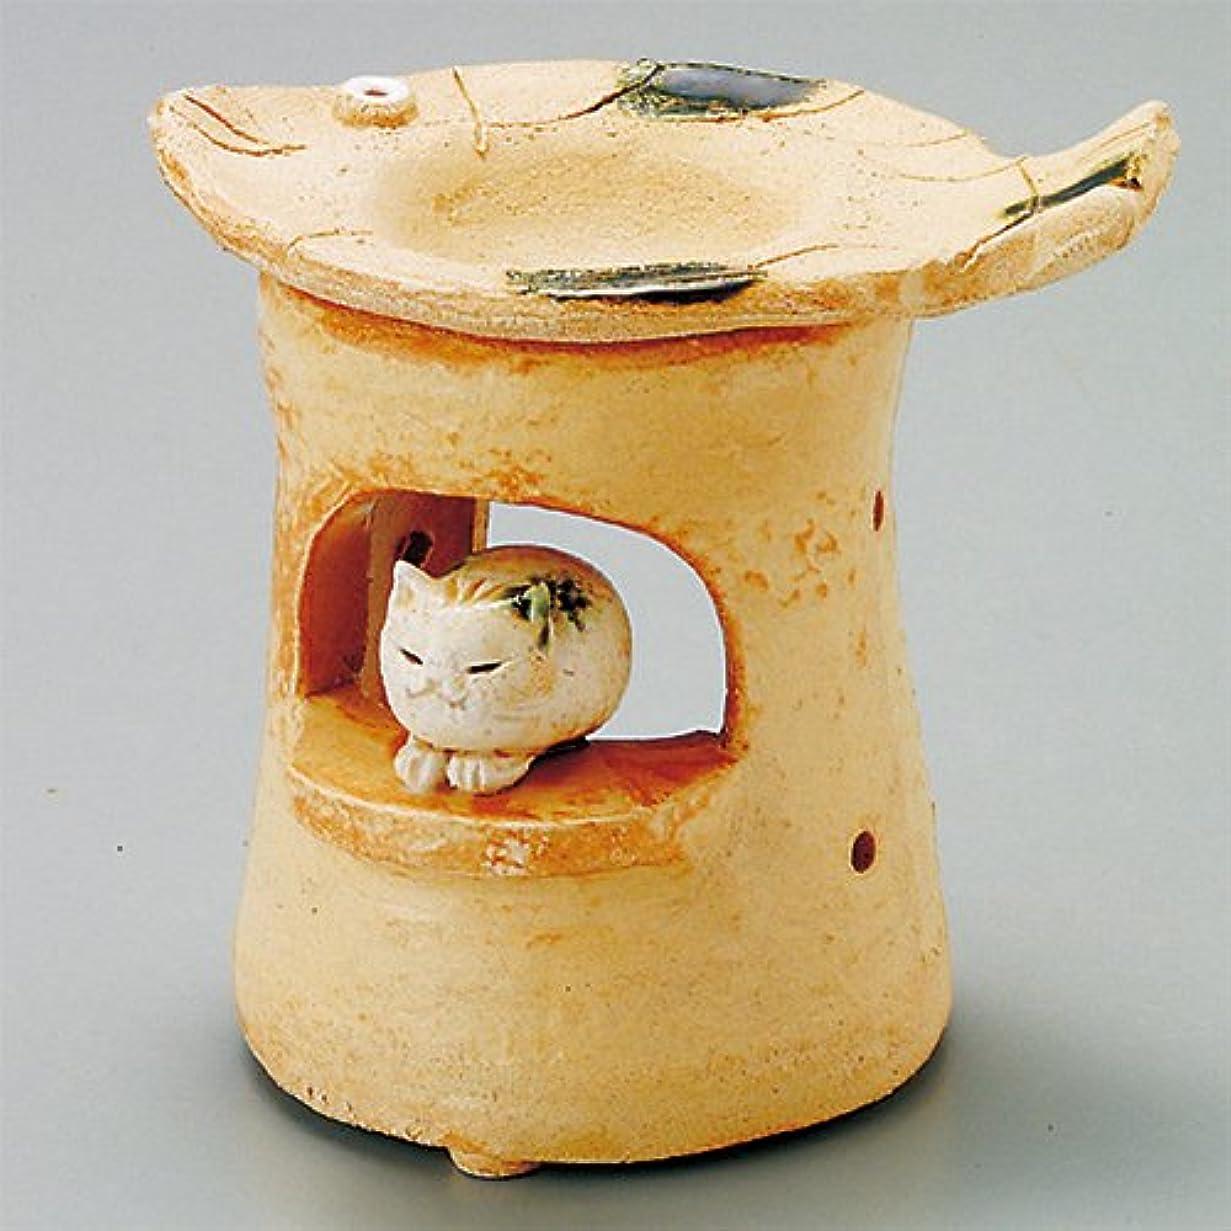 ポイント前者パノラマ島ねこ 島ねこ 茶香炉 [12x8.5xH11.5cm] HANDMADE プレゼント ギフト 和食器 かわいい インテリア